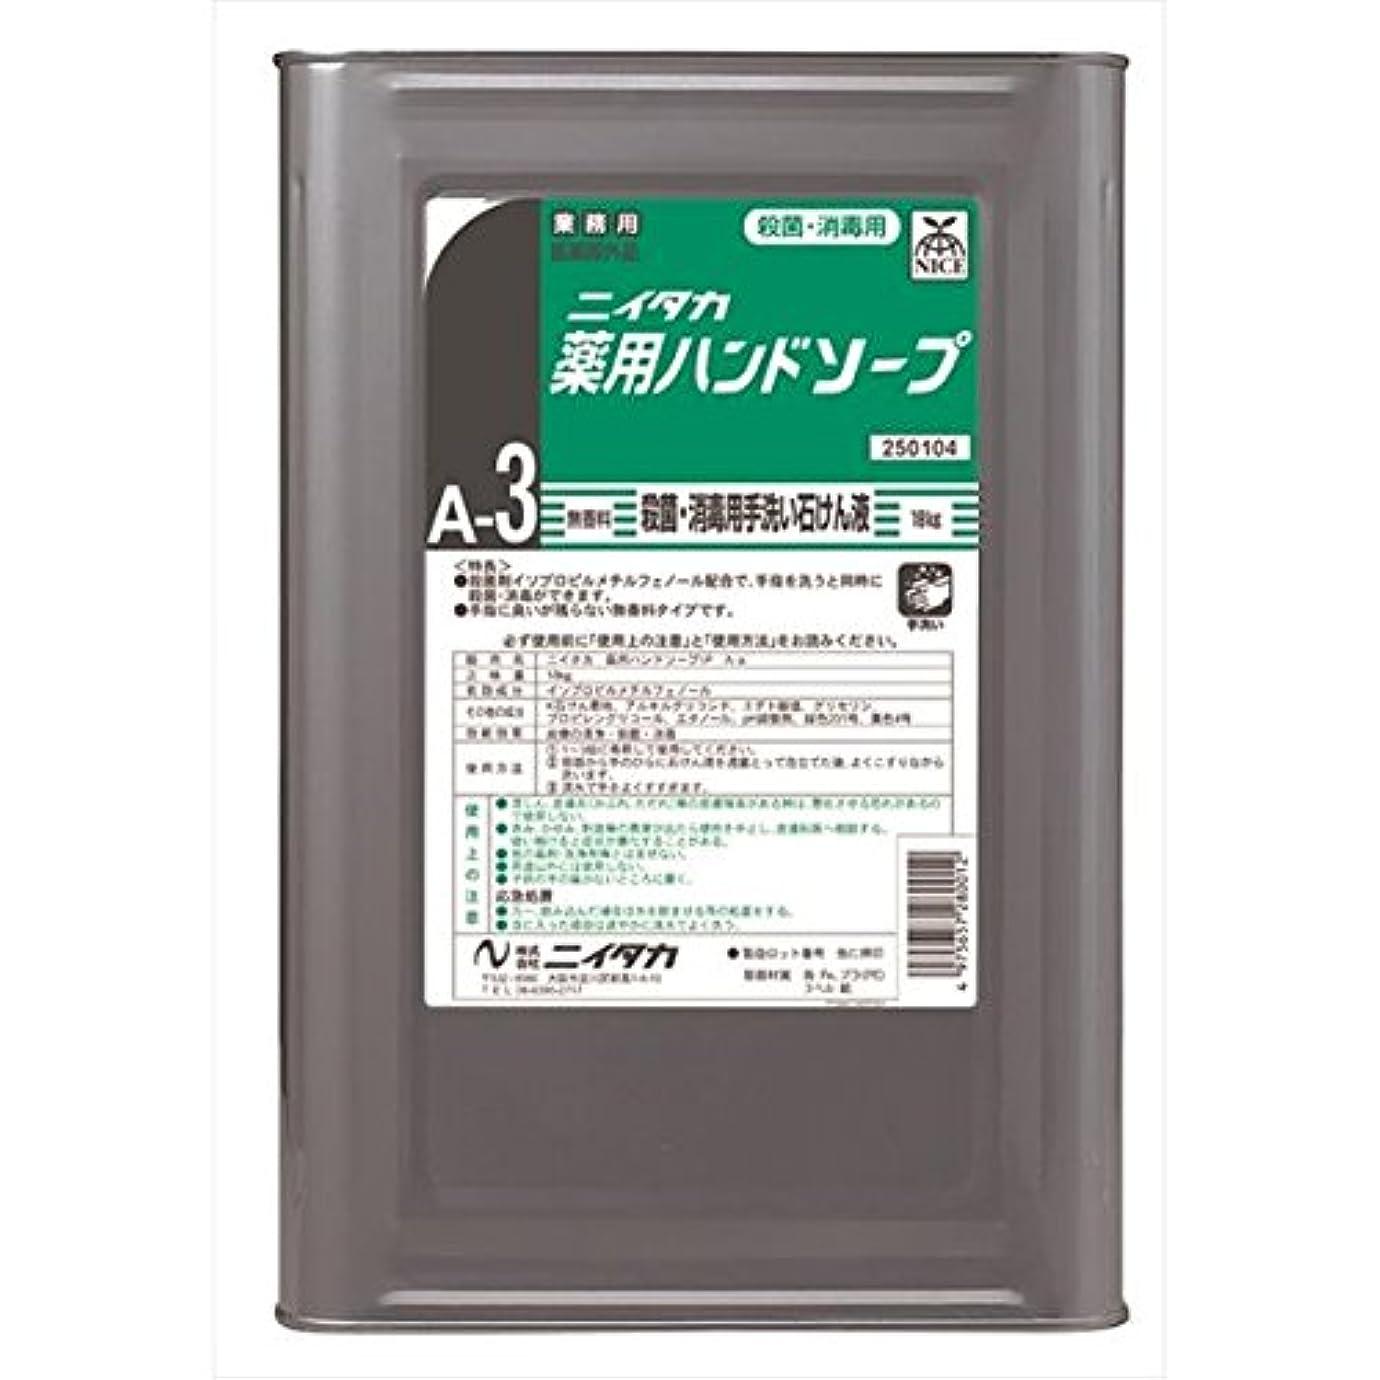 ラインナップグラムブラウザニイタカ:薬用ハンドソープ(A-3) 18kg 250104